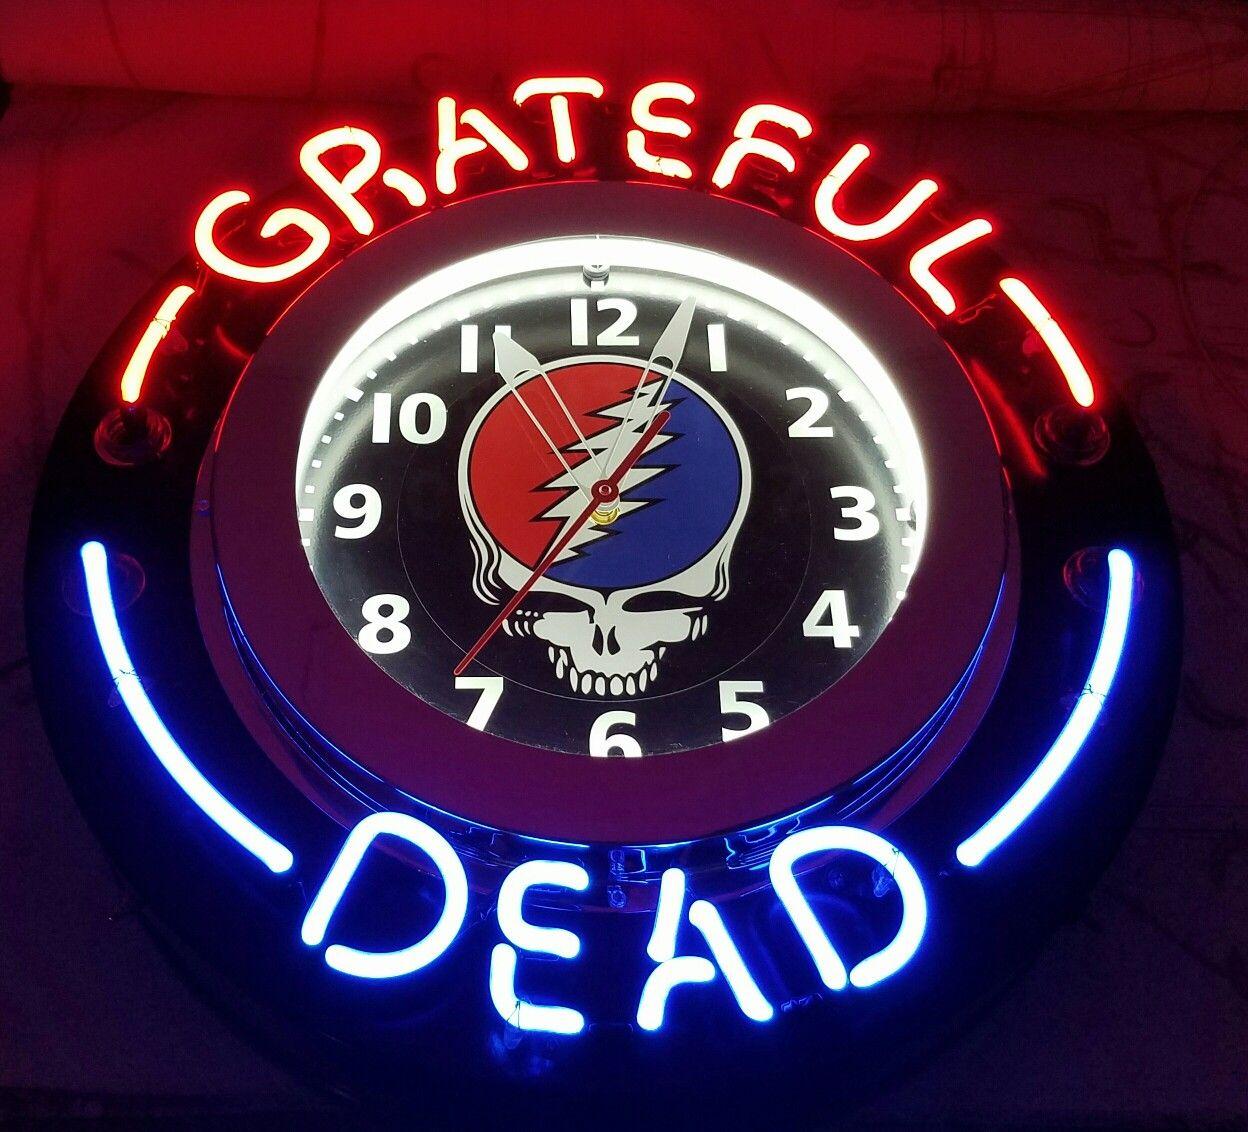 Grateful Dead Neon clock Neon clock, Clock, Neon signs